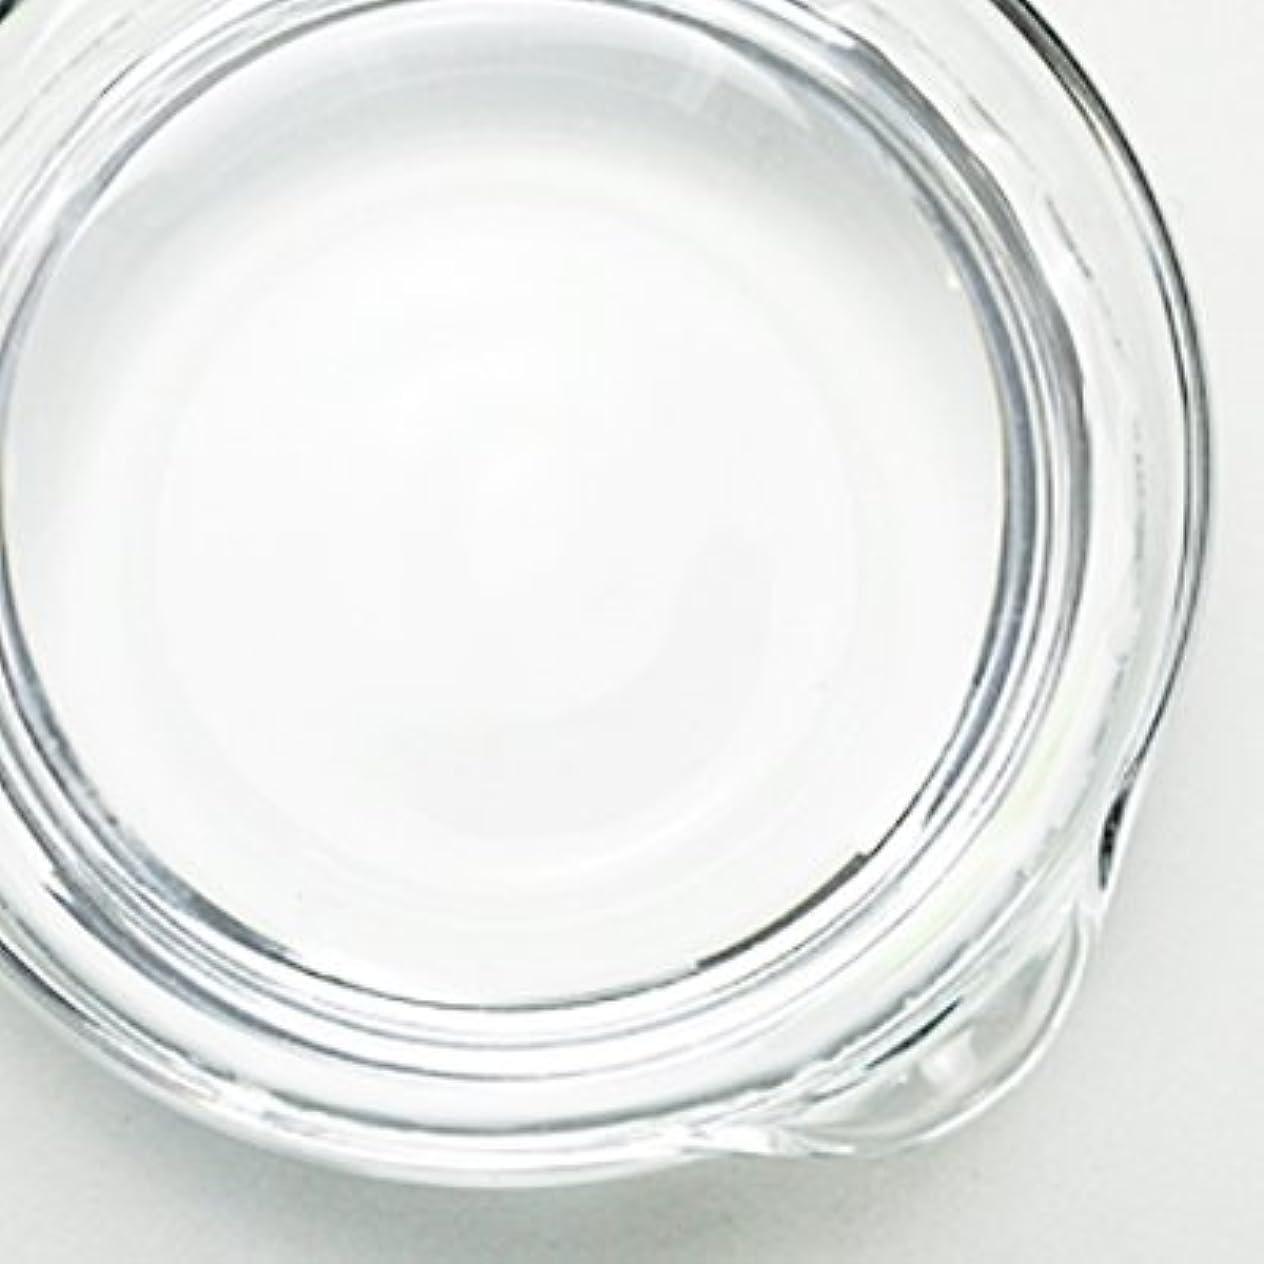 スピンじゃがいも押し下げる1,3-プロパンジオール[PG] 100ml 【手作り石鹸/手作りコスメ】